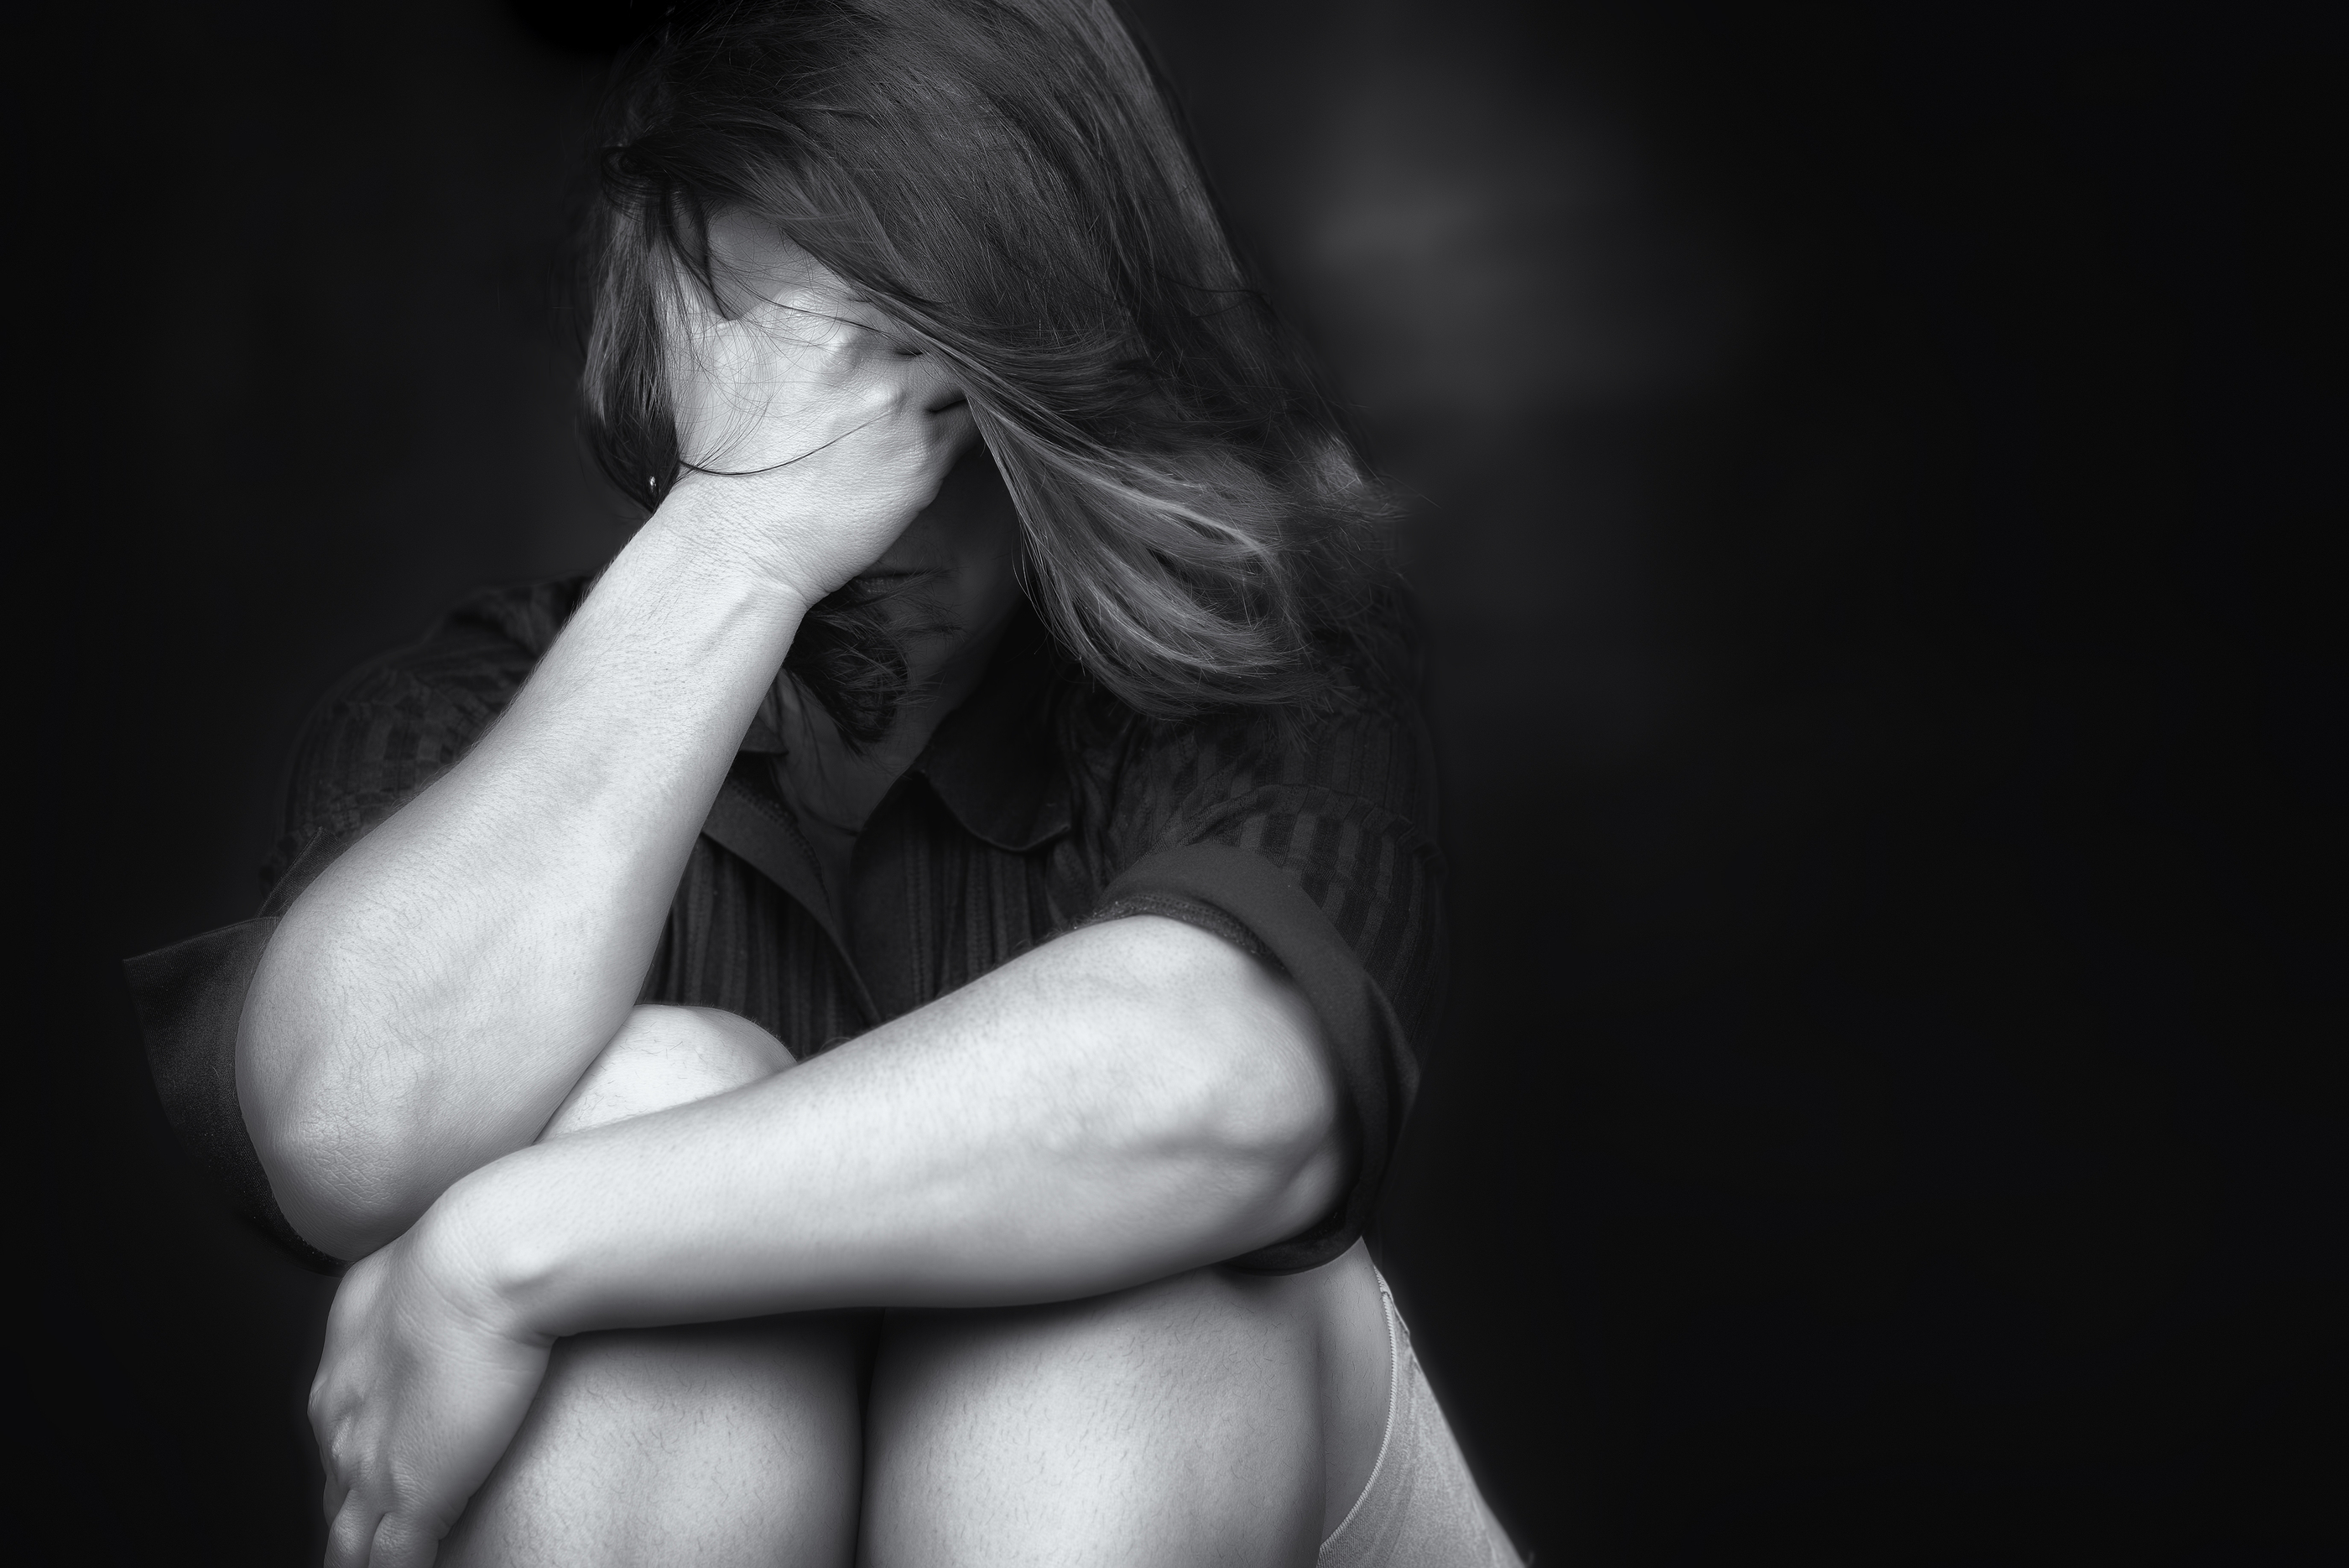 Violência Obstétrica: Os relatos que não gostamos de ler